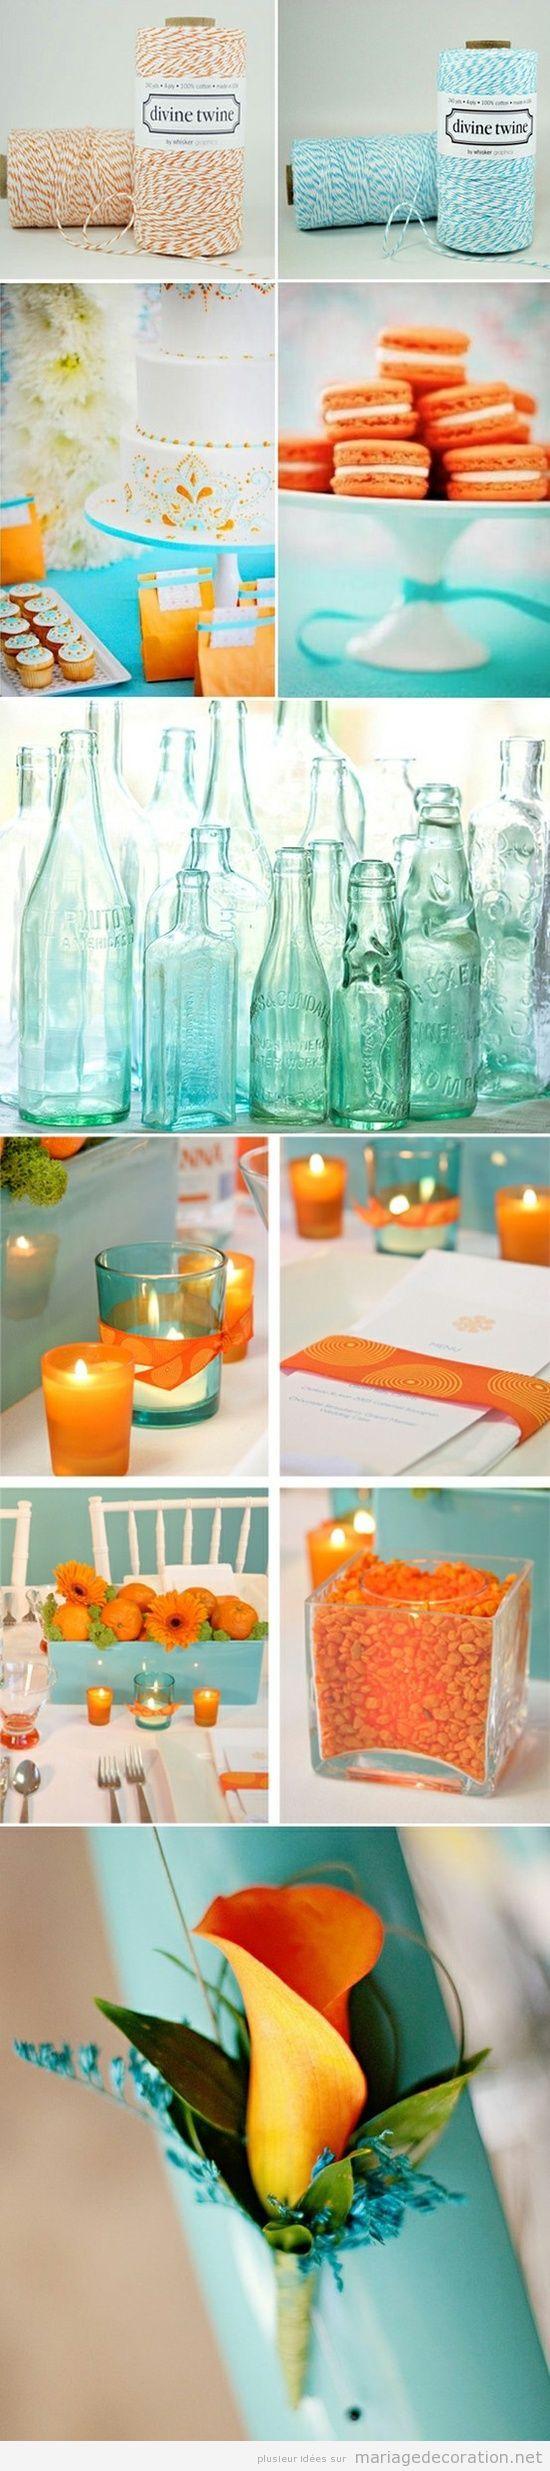 Idées pour décorer un mariage en turquoise et ambre